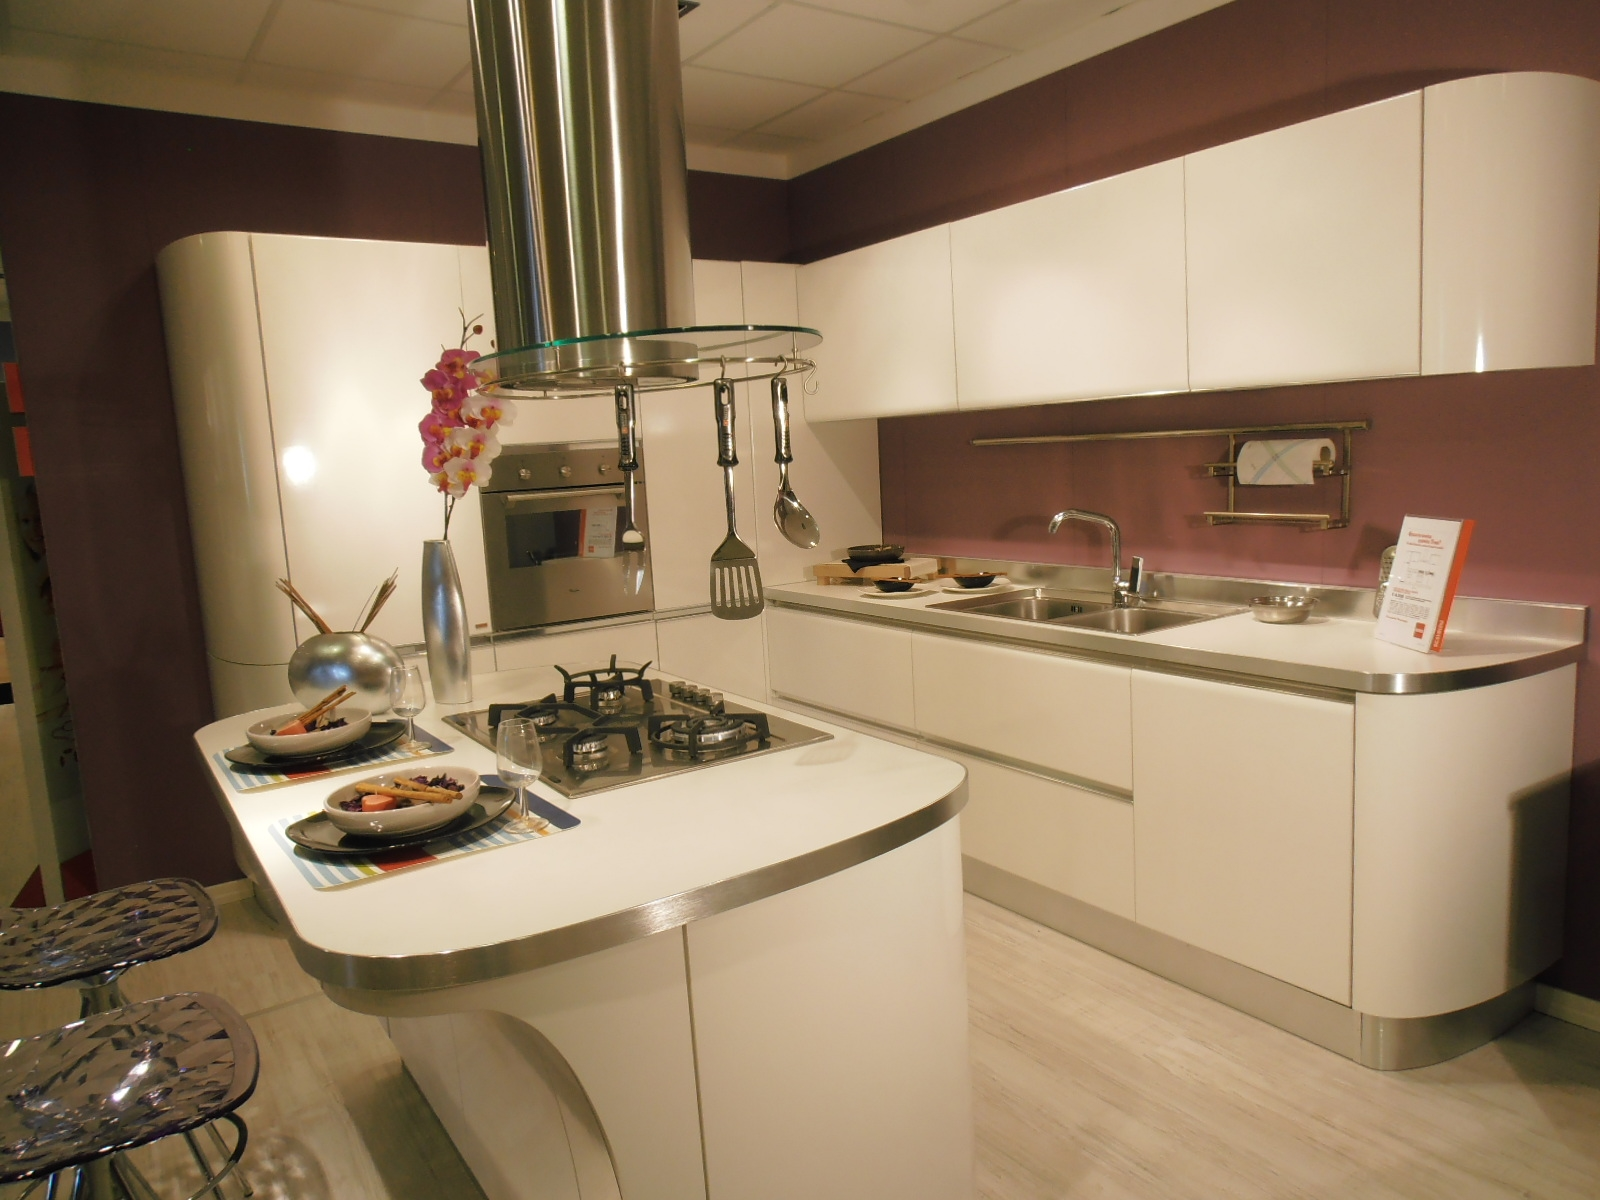 Cucina scavolini tess moderna cucine a prezzi scontati for Scavolini prezzi